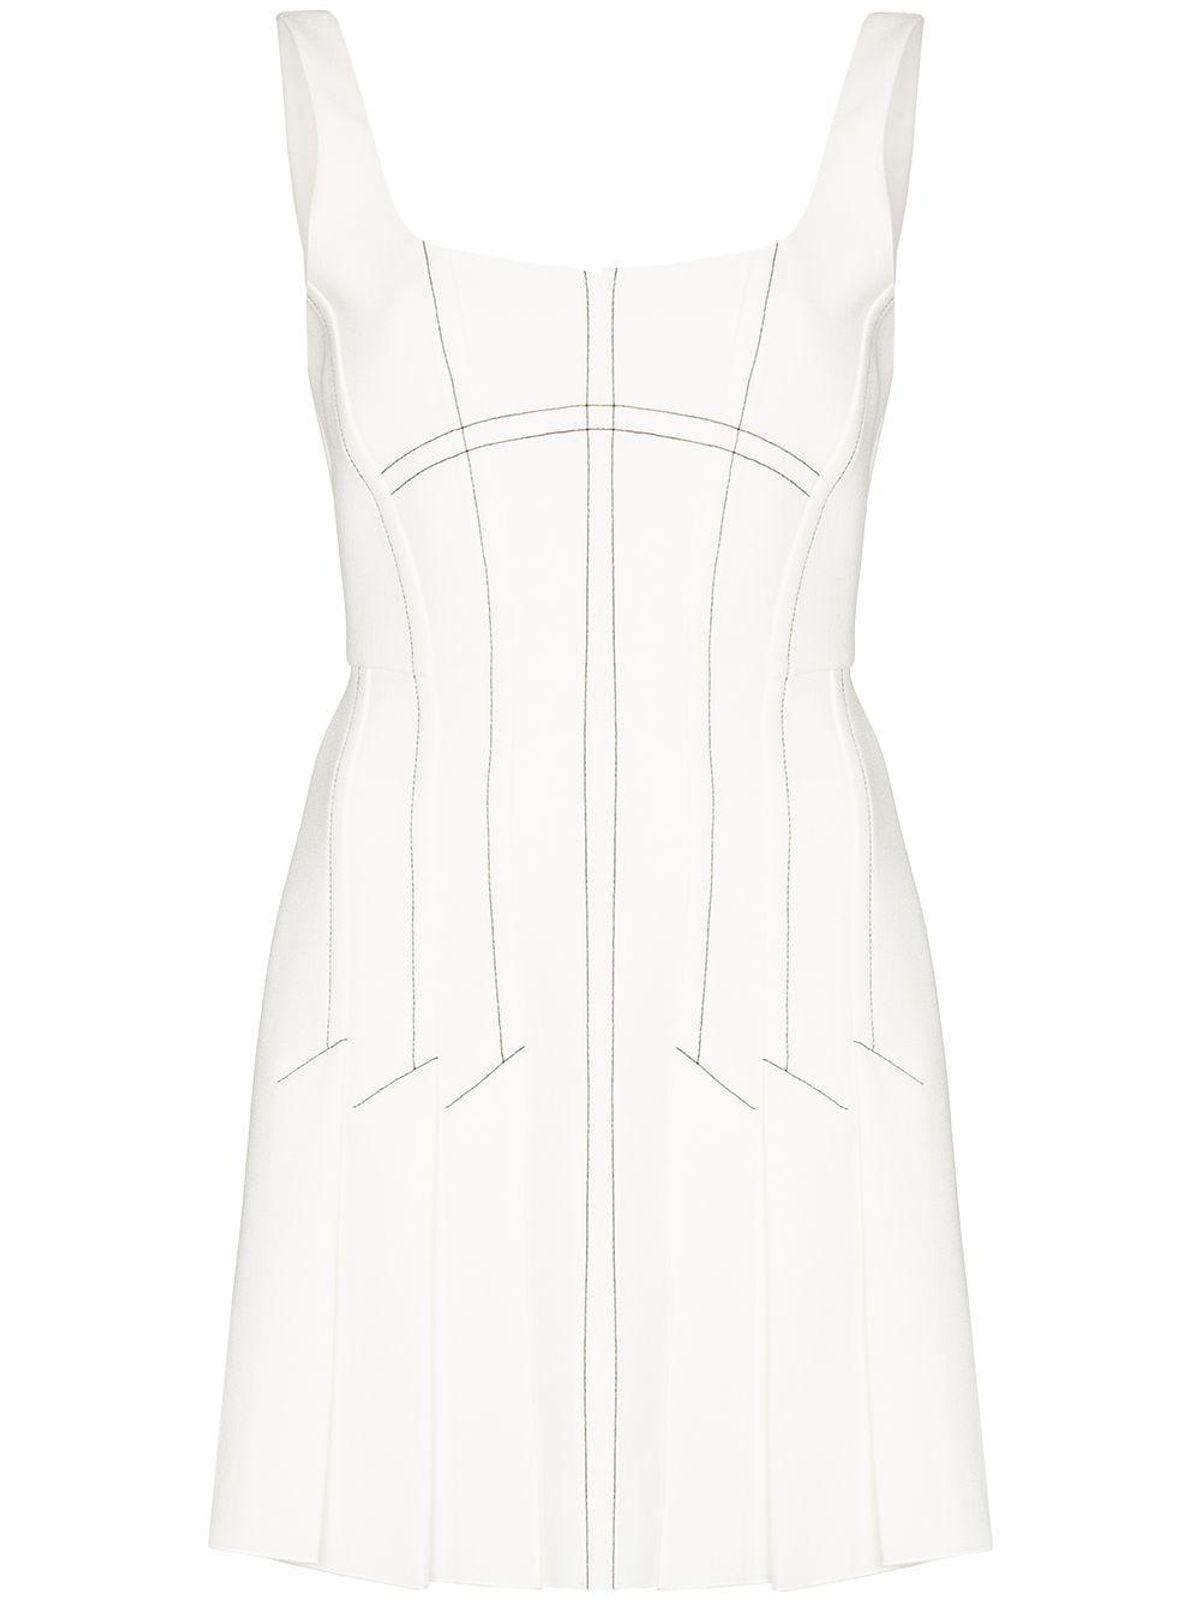 Contrast Stitching Mini Dress